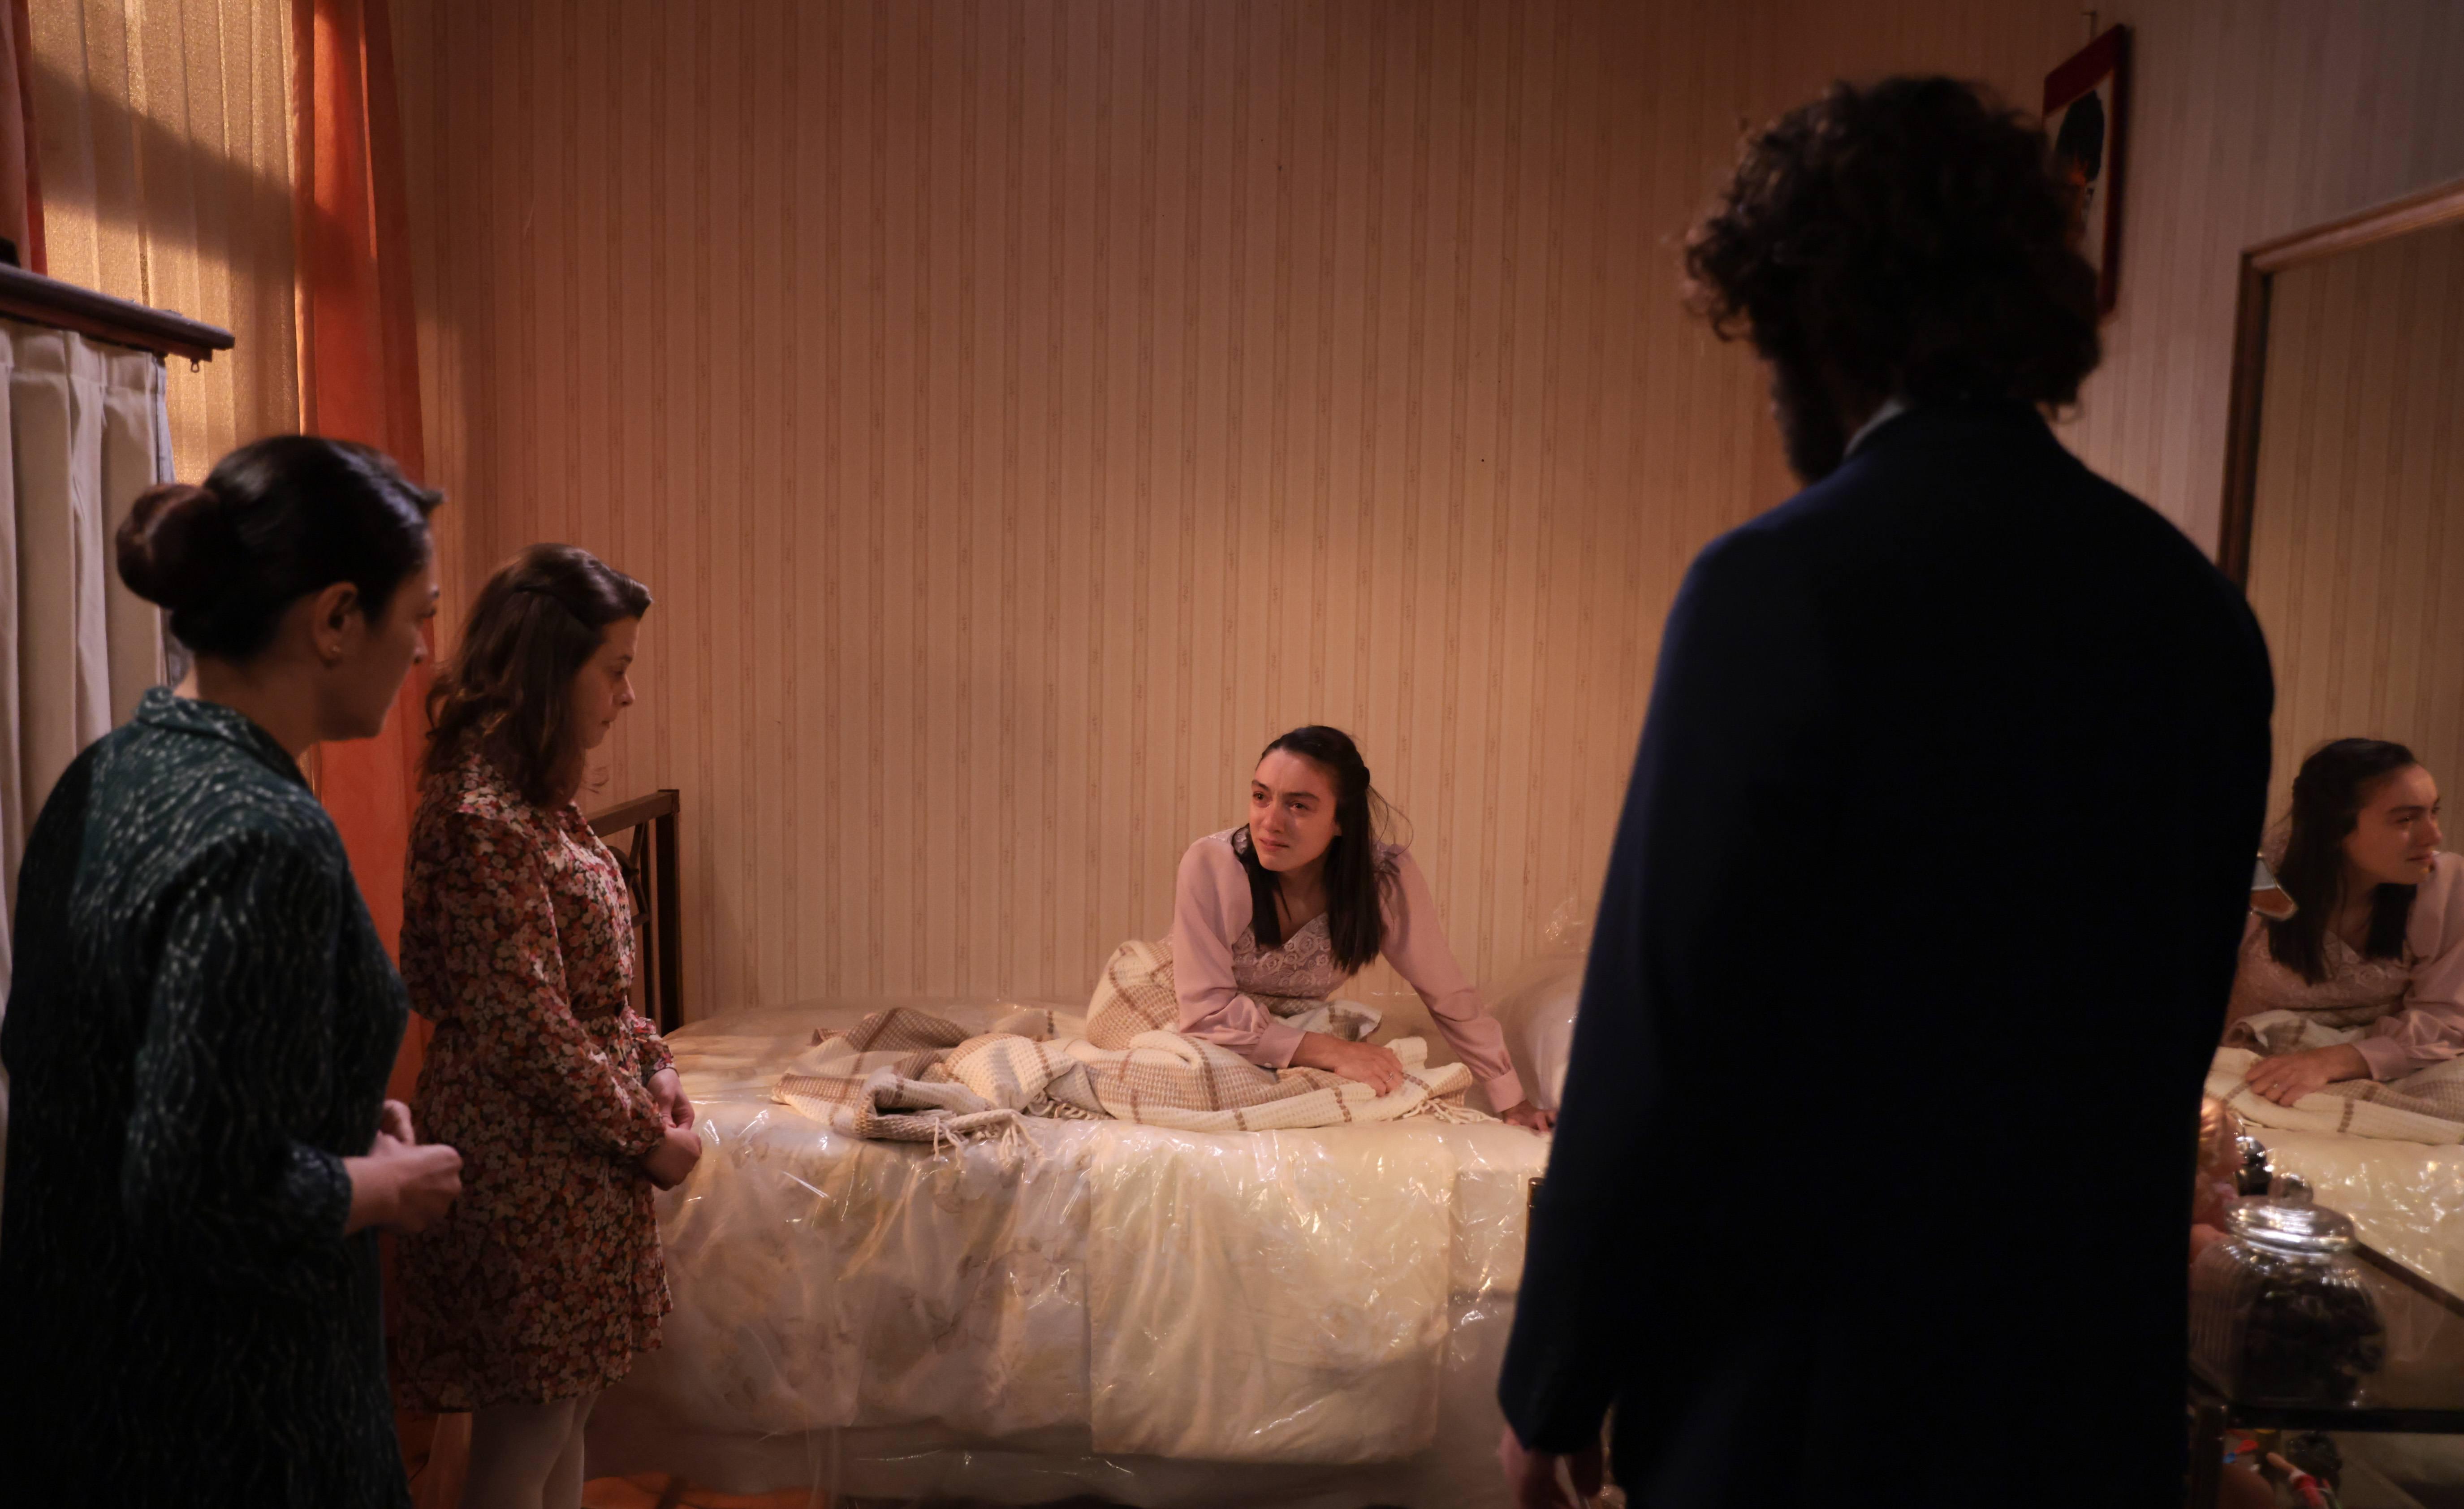 Masumlar Apartmanı 42. bölüm full, tek parça izle   Masumlar Apartmanı son bölüm izle